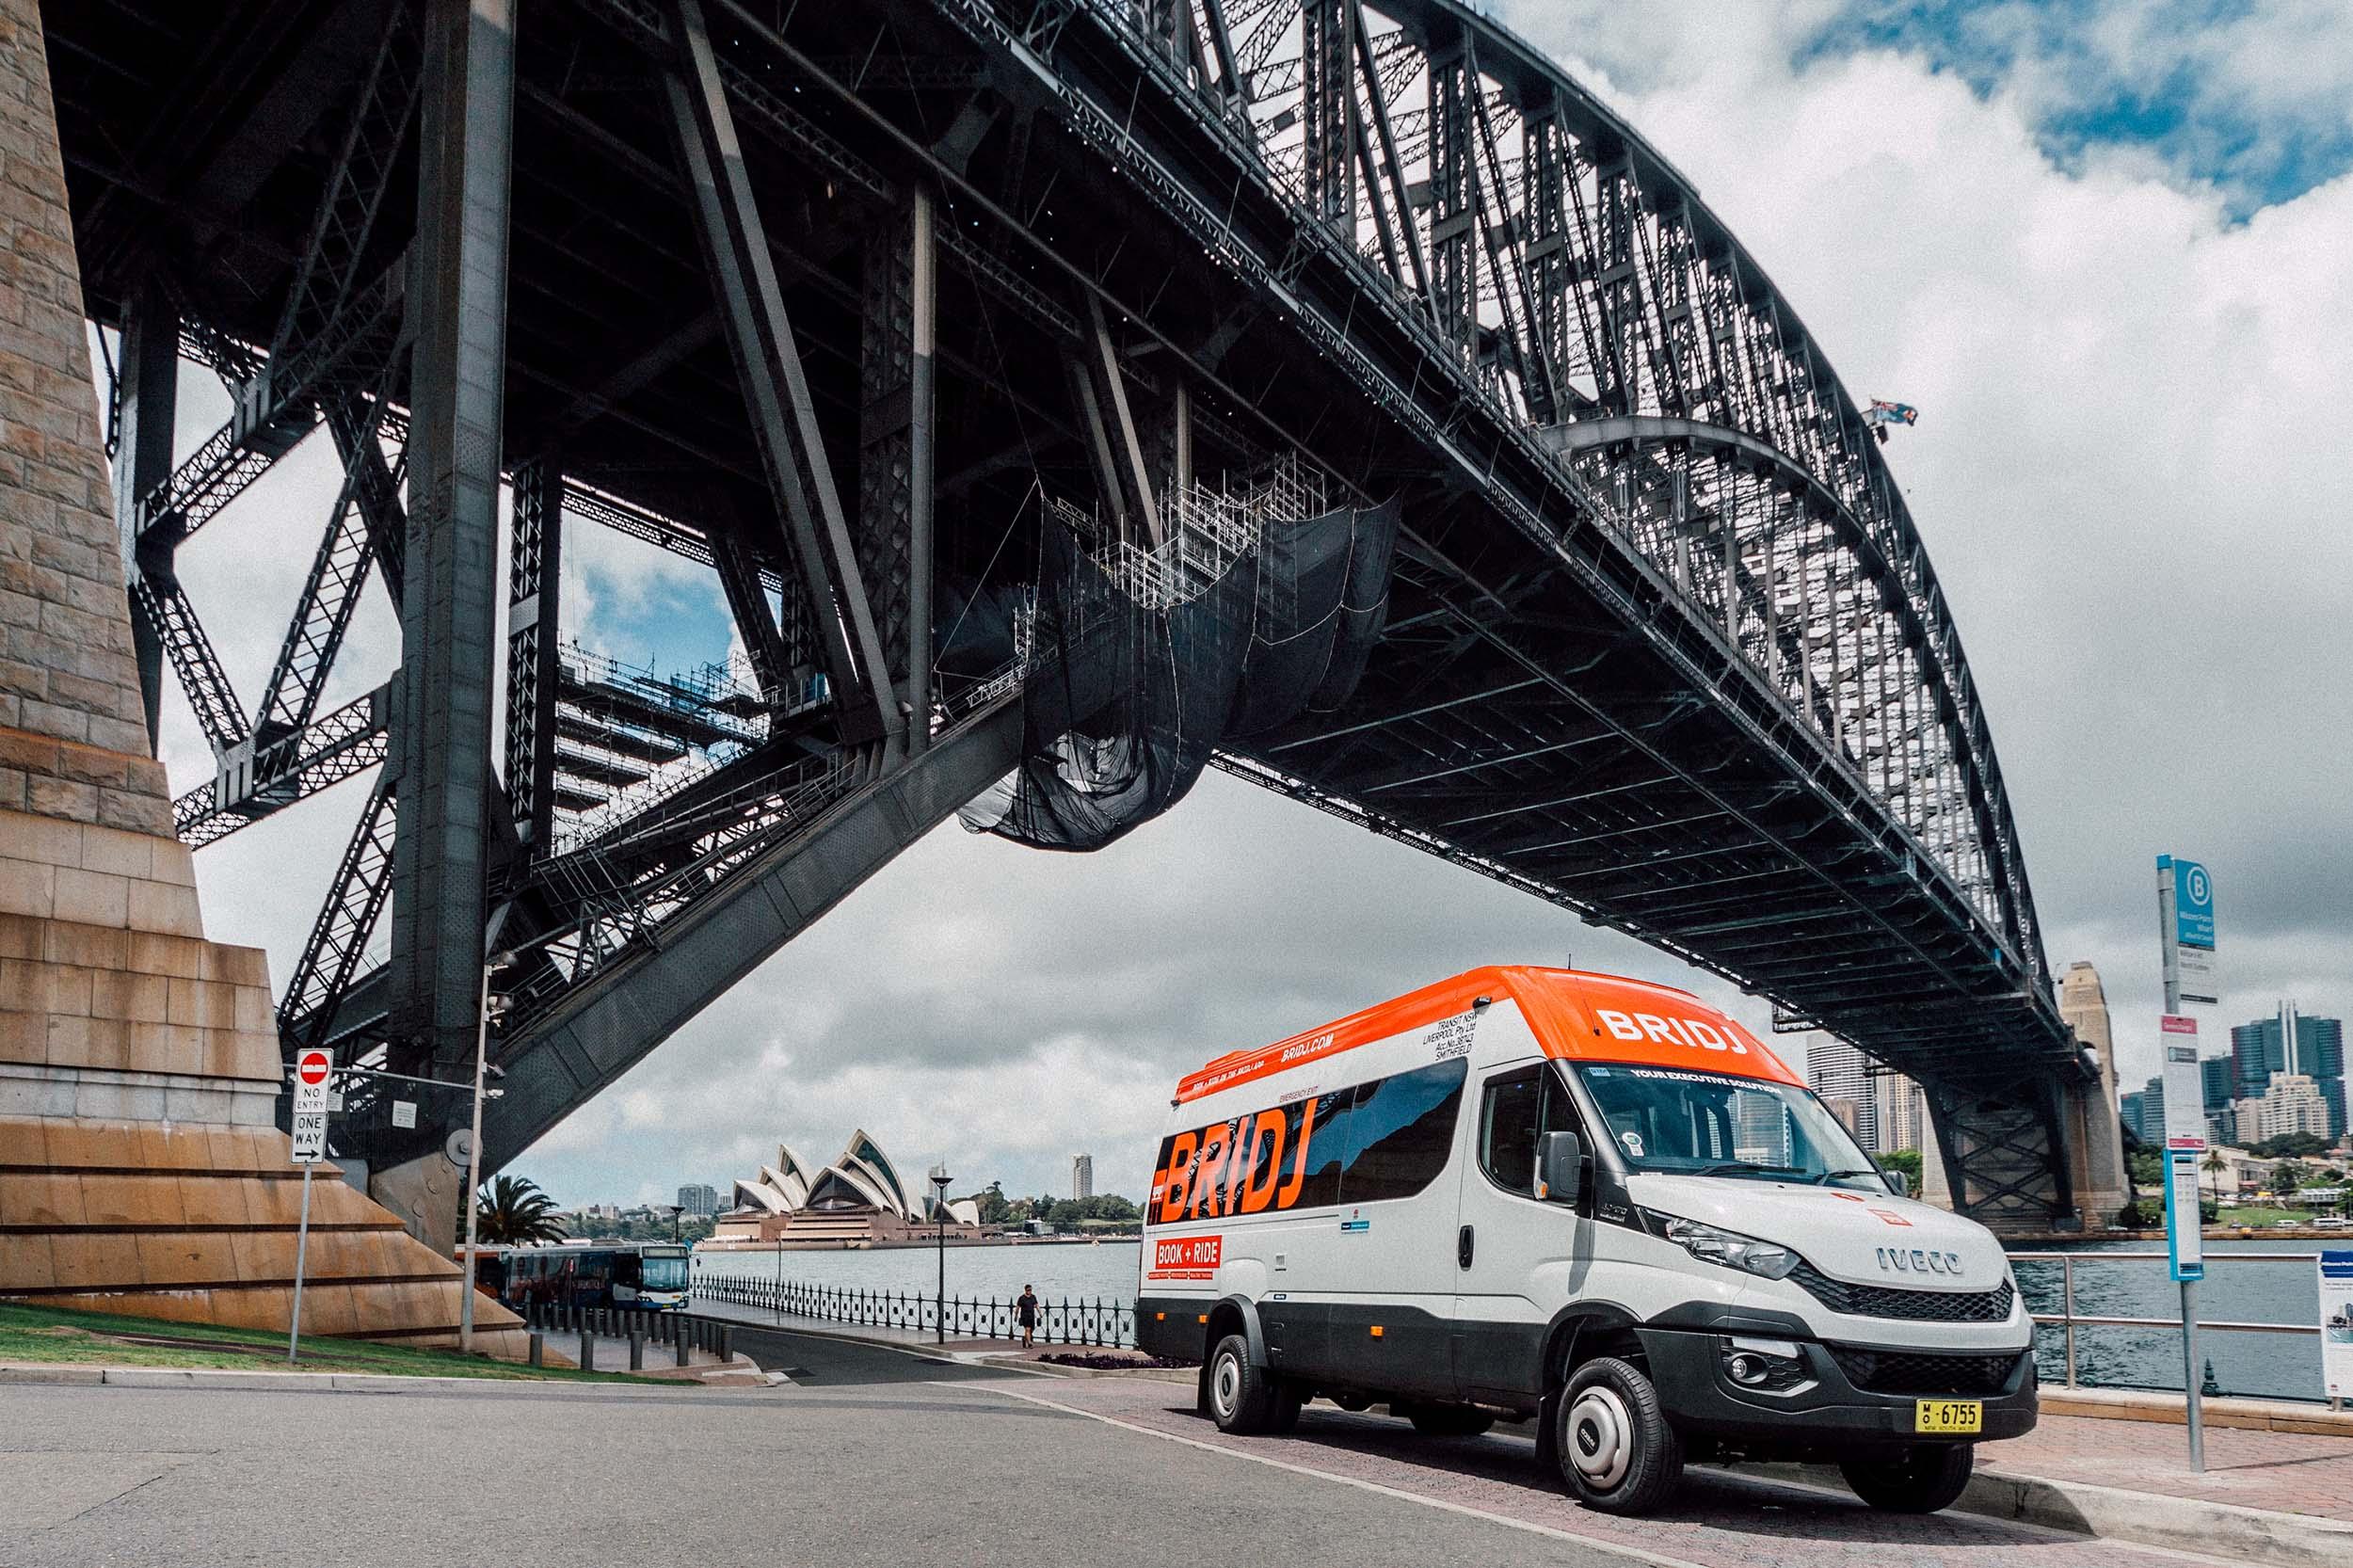 A BRIDJ bus under the Sydney Harbour Bridge